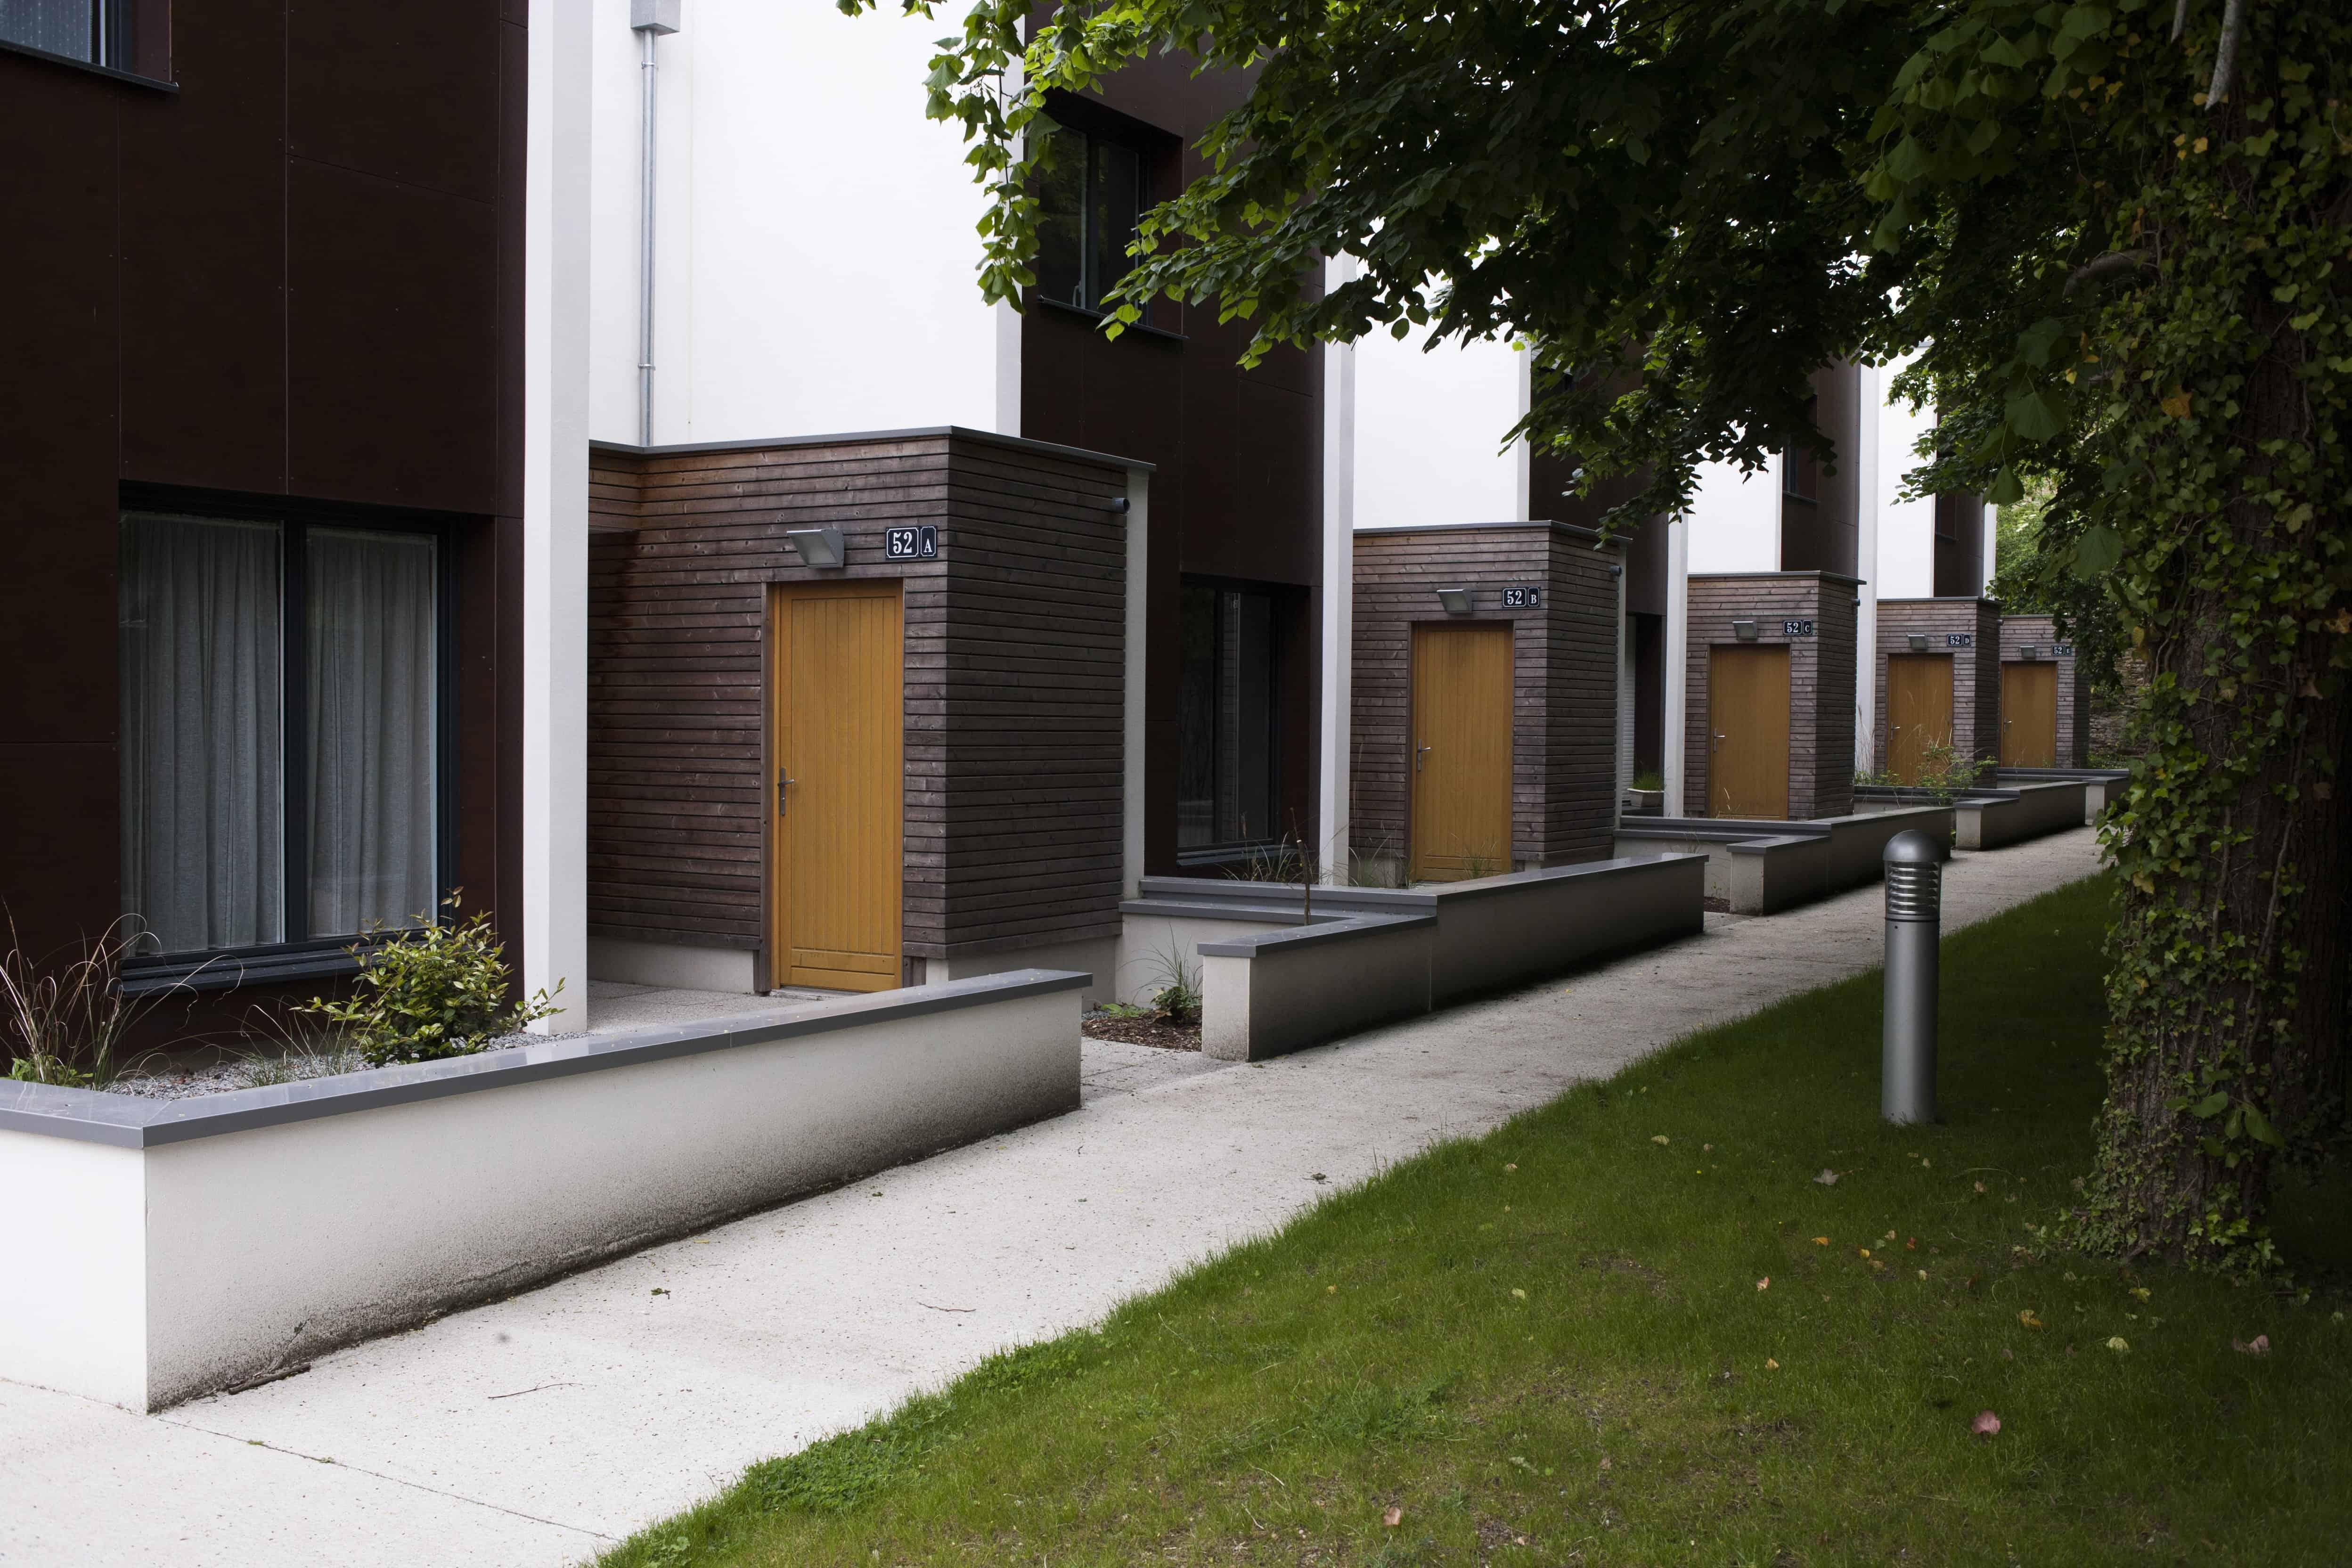 le lieu de vie interg n rationnel la rue papu rennes habitat et humanisme. Black Bedroom Furniture Sets. Home Design Ideas